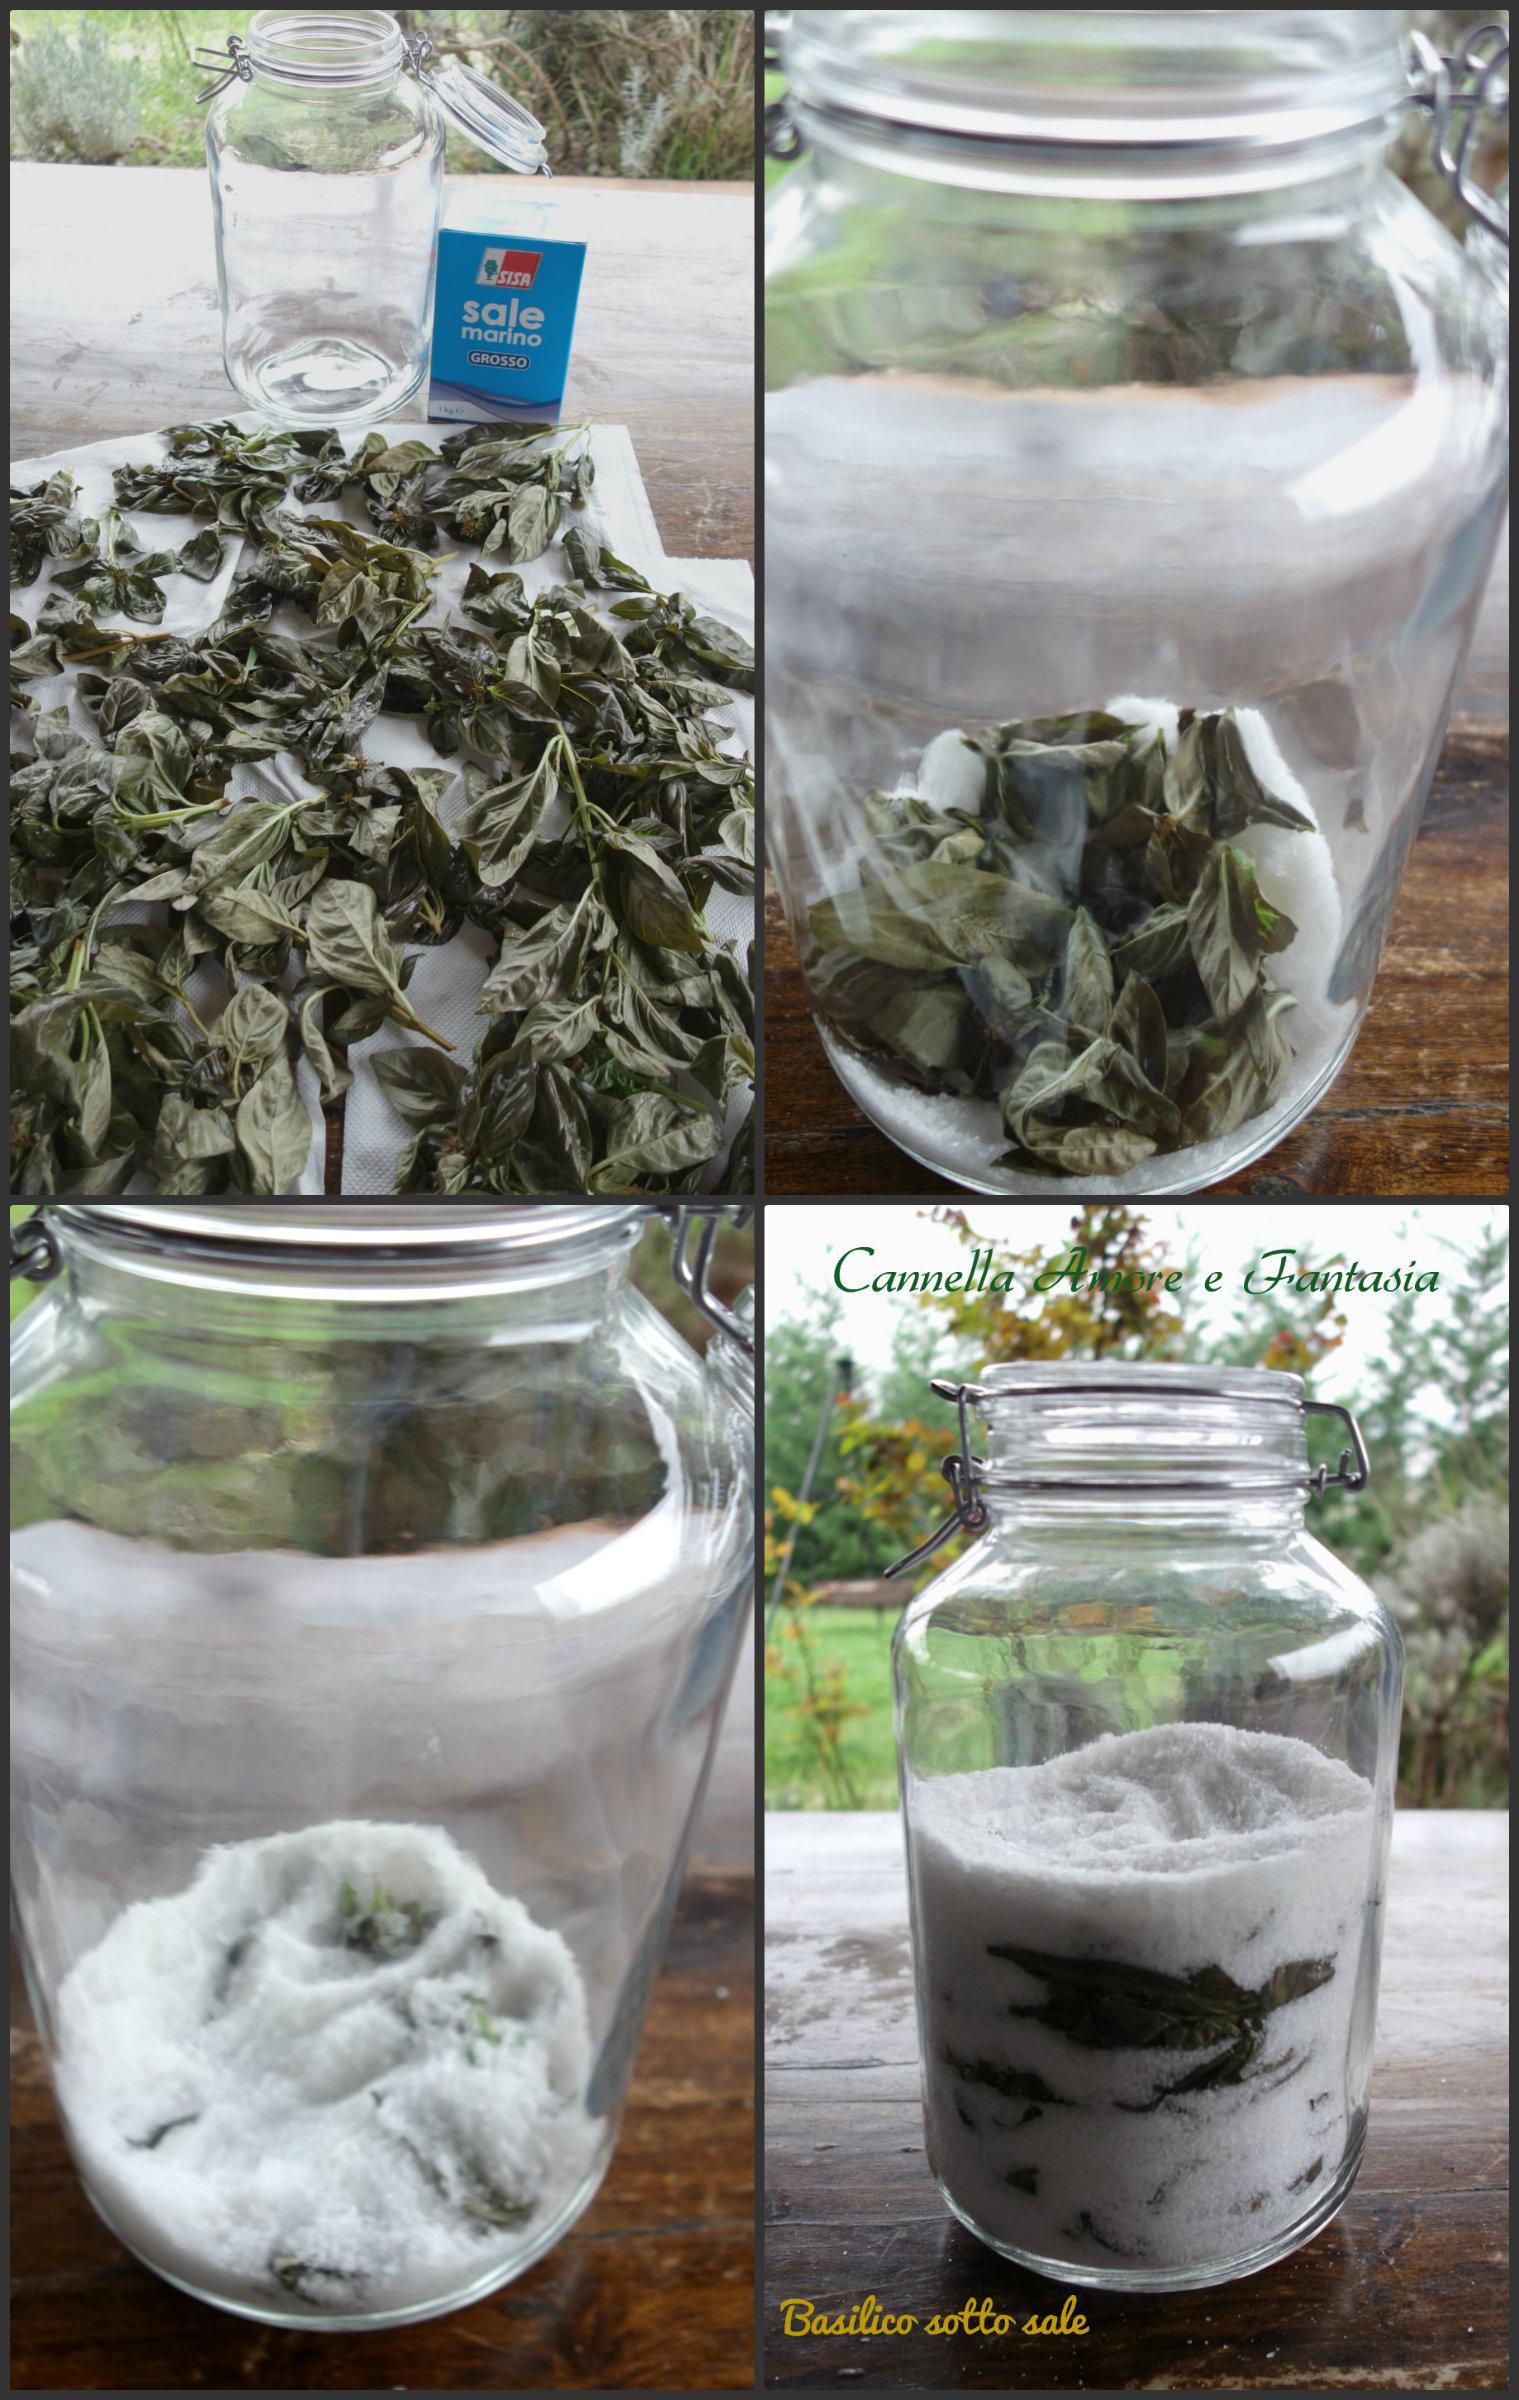 Come conservare il basilico fresco per l'inverno collage finito